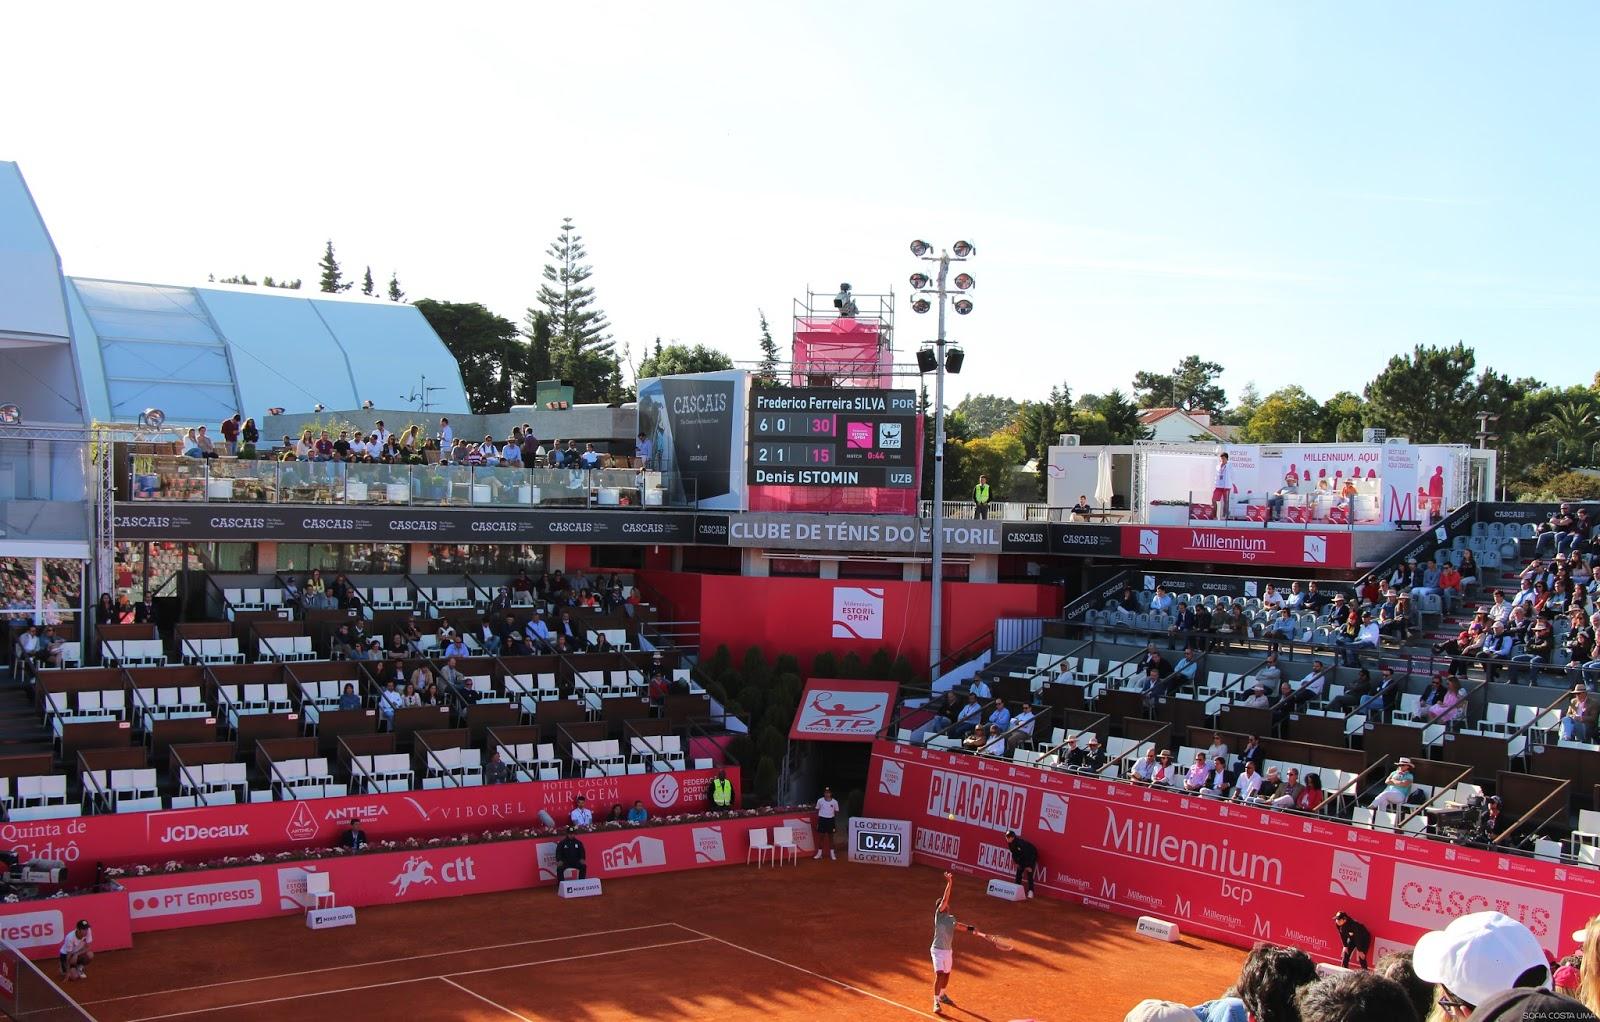 Millennium Estoril Open 2017